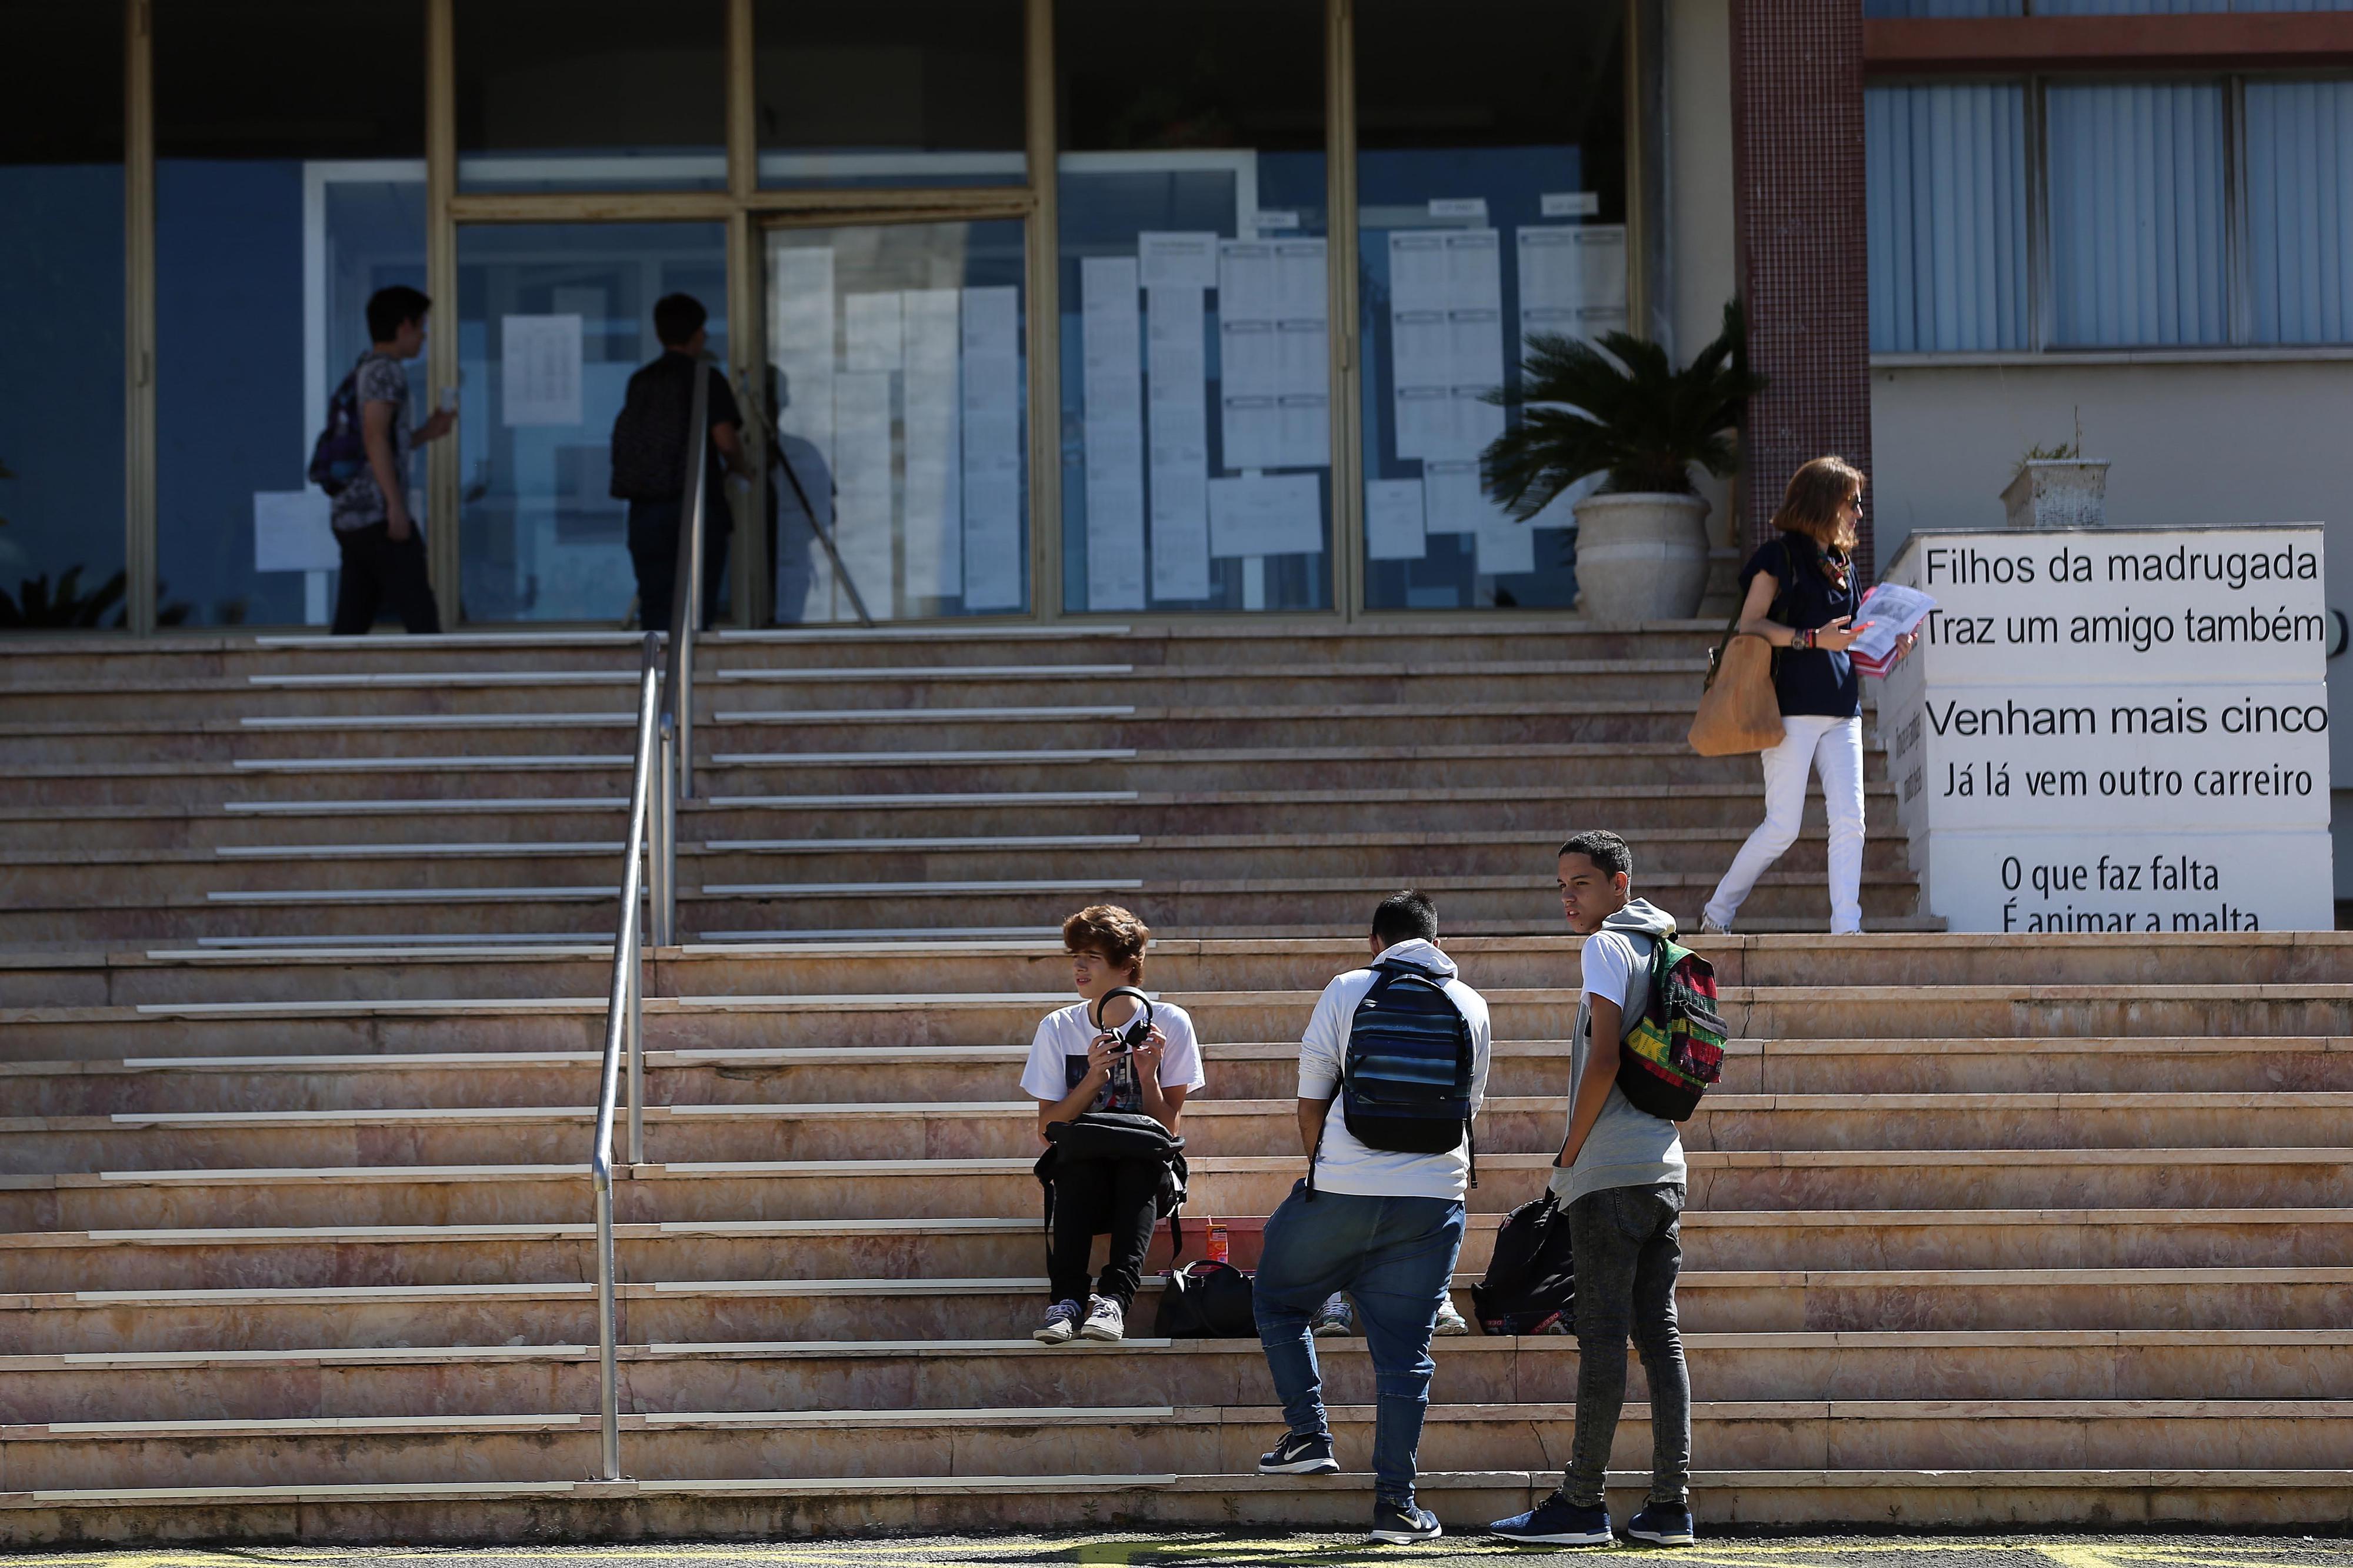 Governo quer alunos até ao 9.º ano o dia inteiro na escola